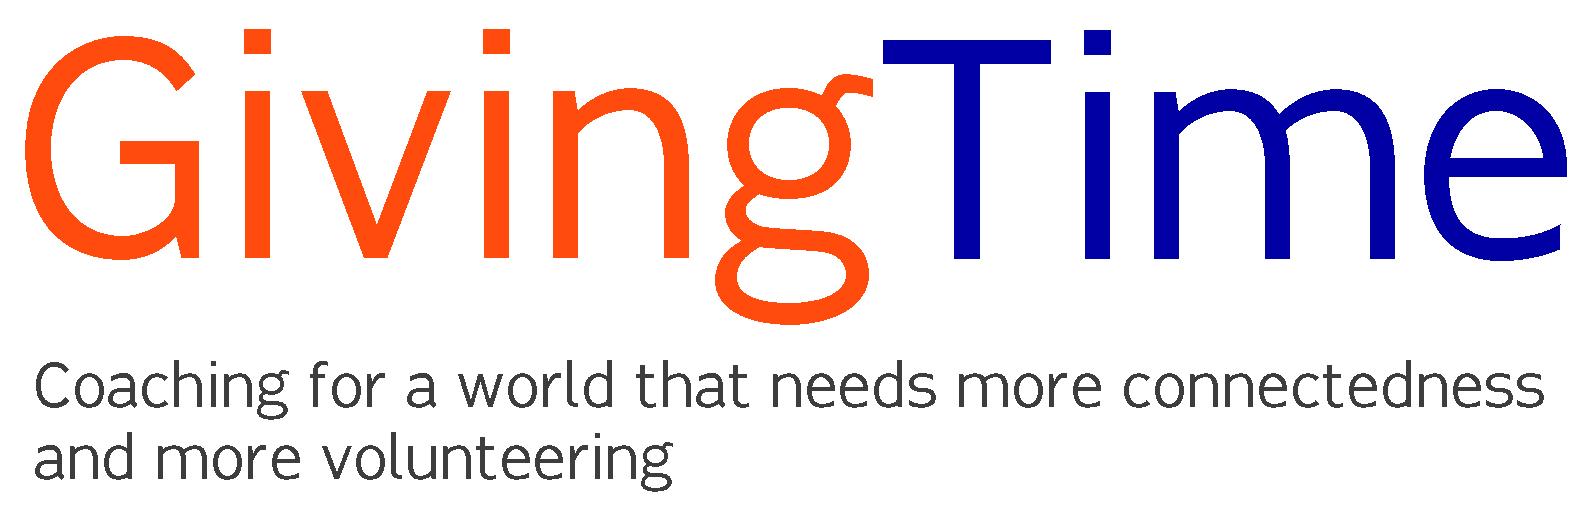 gt-ftr-logo